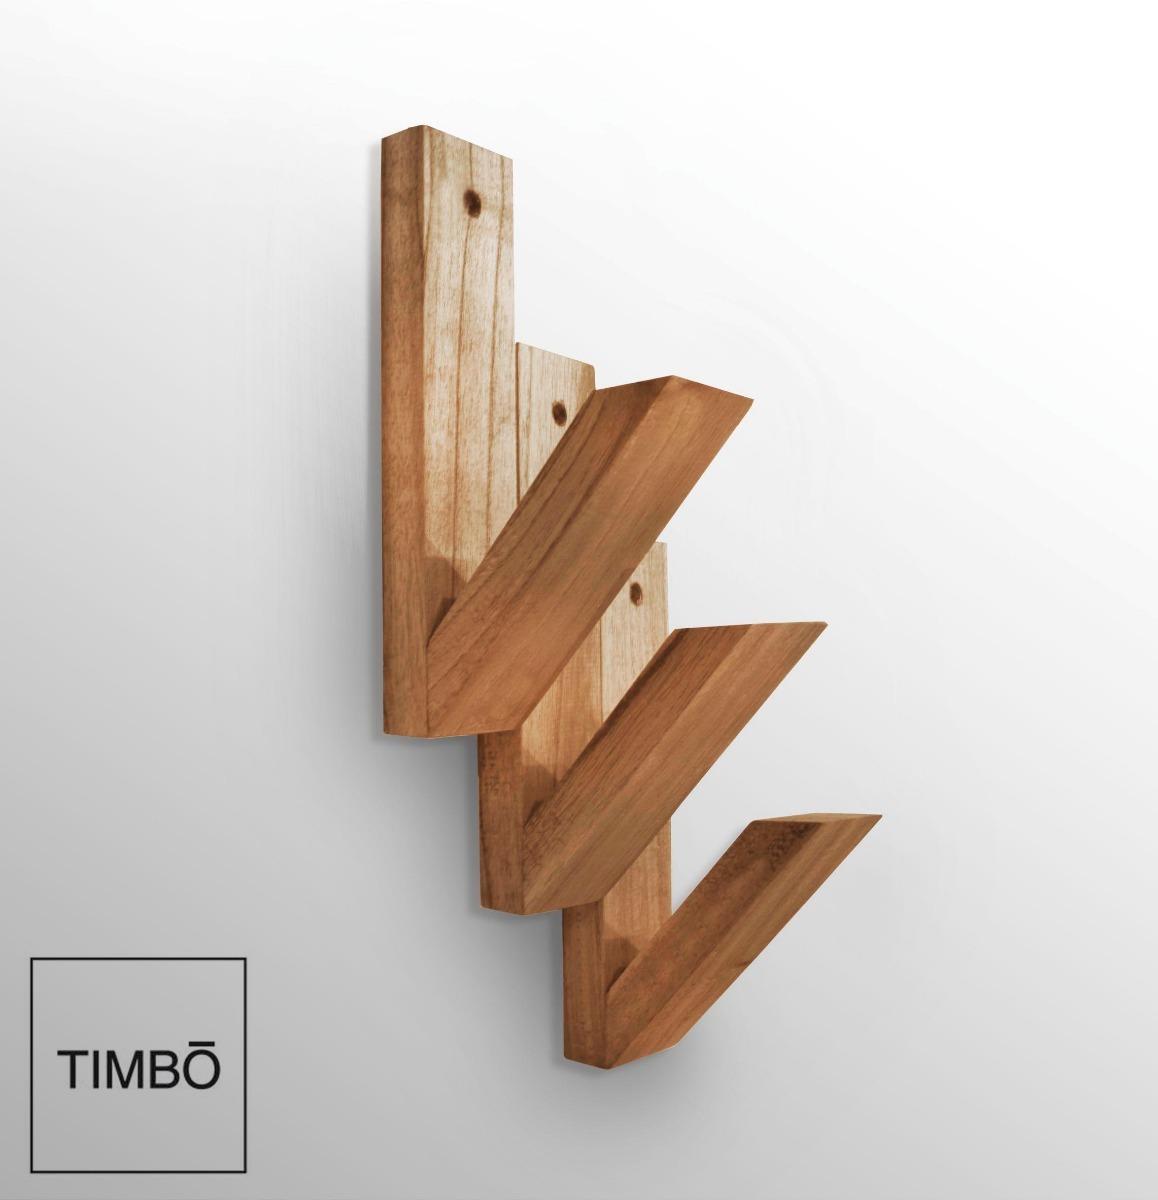 Percheros de madera de pared percheros de madera de pared for Percheros de pared de madera